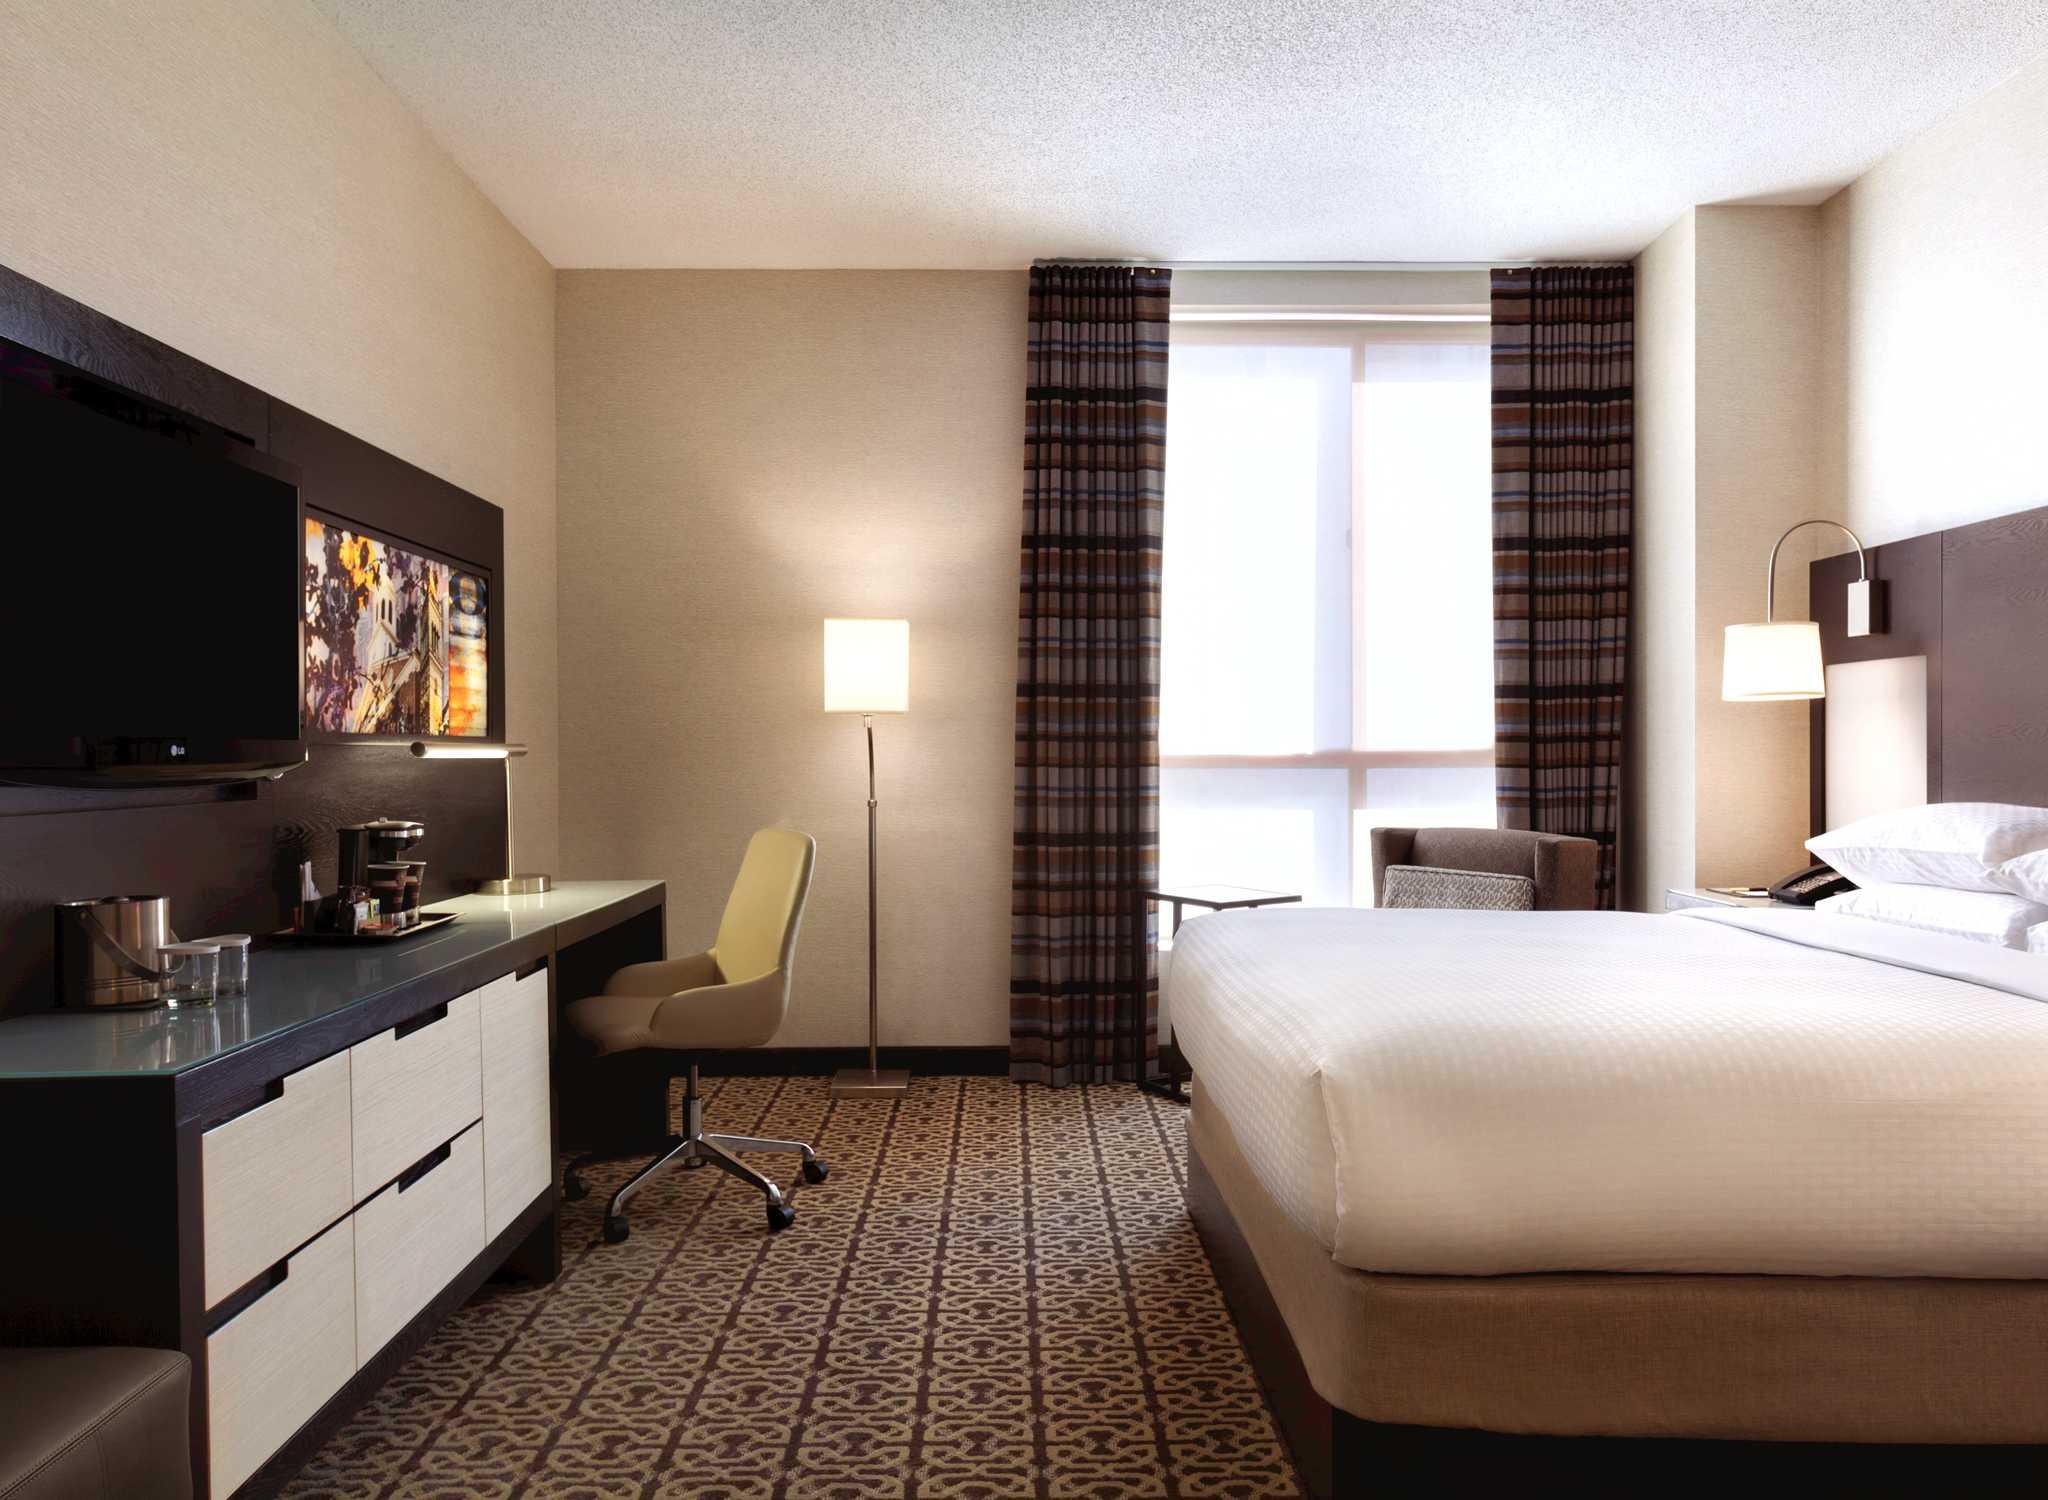 H tel doubletree by hilton hotel boston downtown - Deco chambre etats unis ...